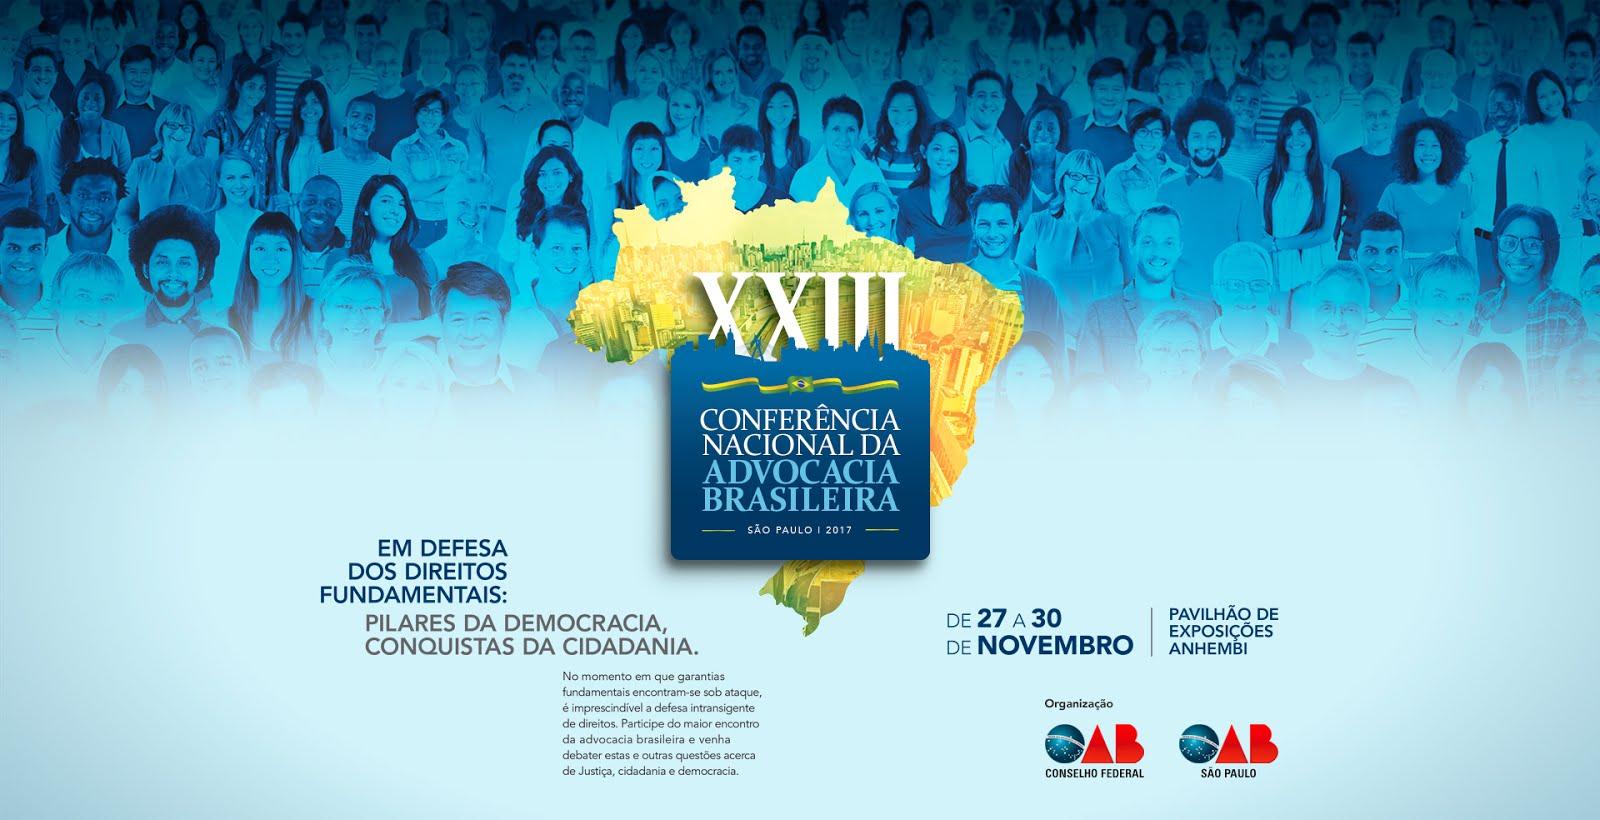 XIII CONFERÊNCIA NACIONAL DOS ADVOGACIA BRASILEIRA